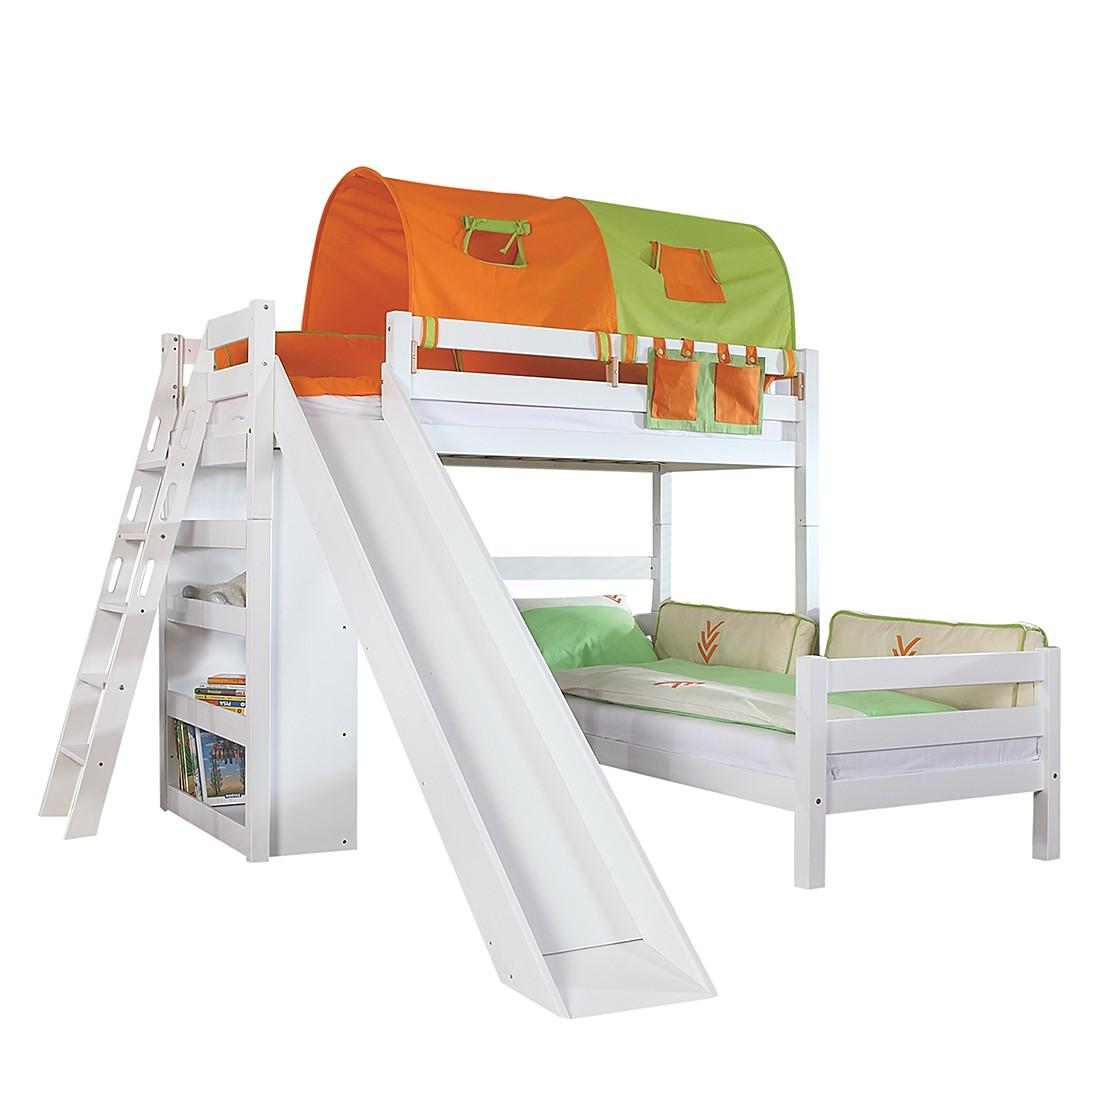 Spielbett Sky - mit Rutsche, Regal, Tunnel und Tasche - Buche massiv weiß/Textil grün-orange, Relita